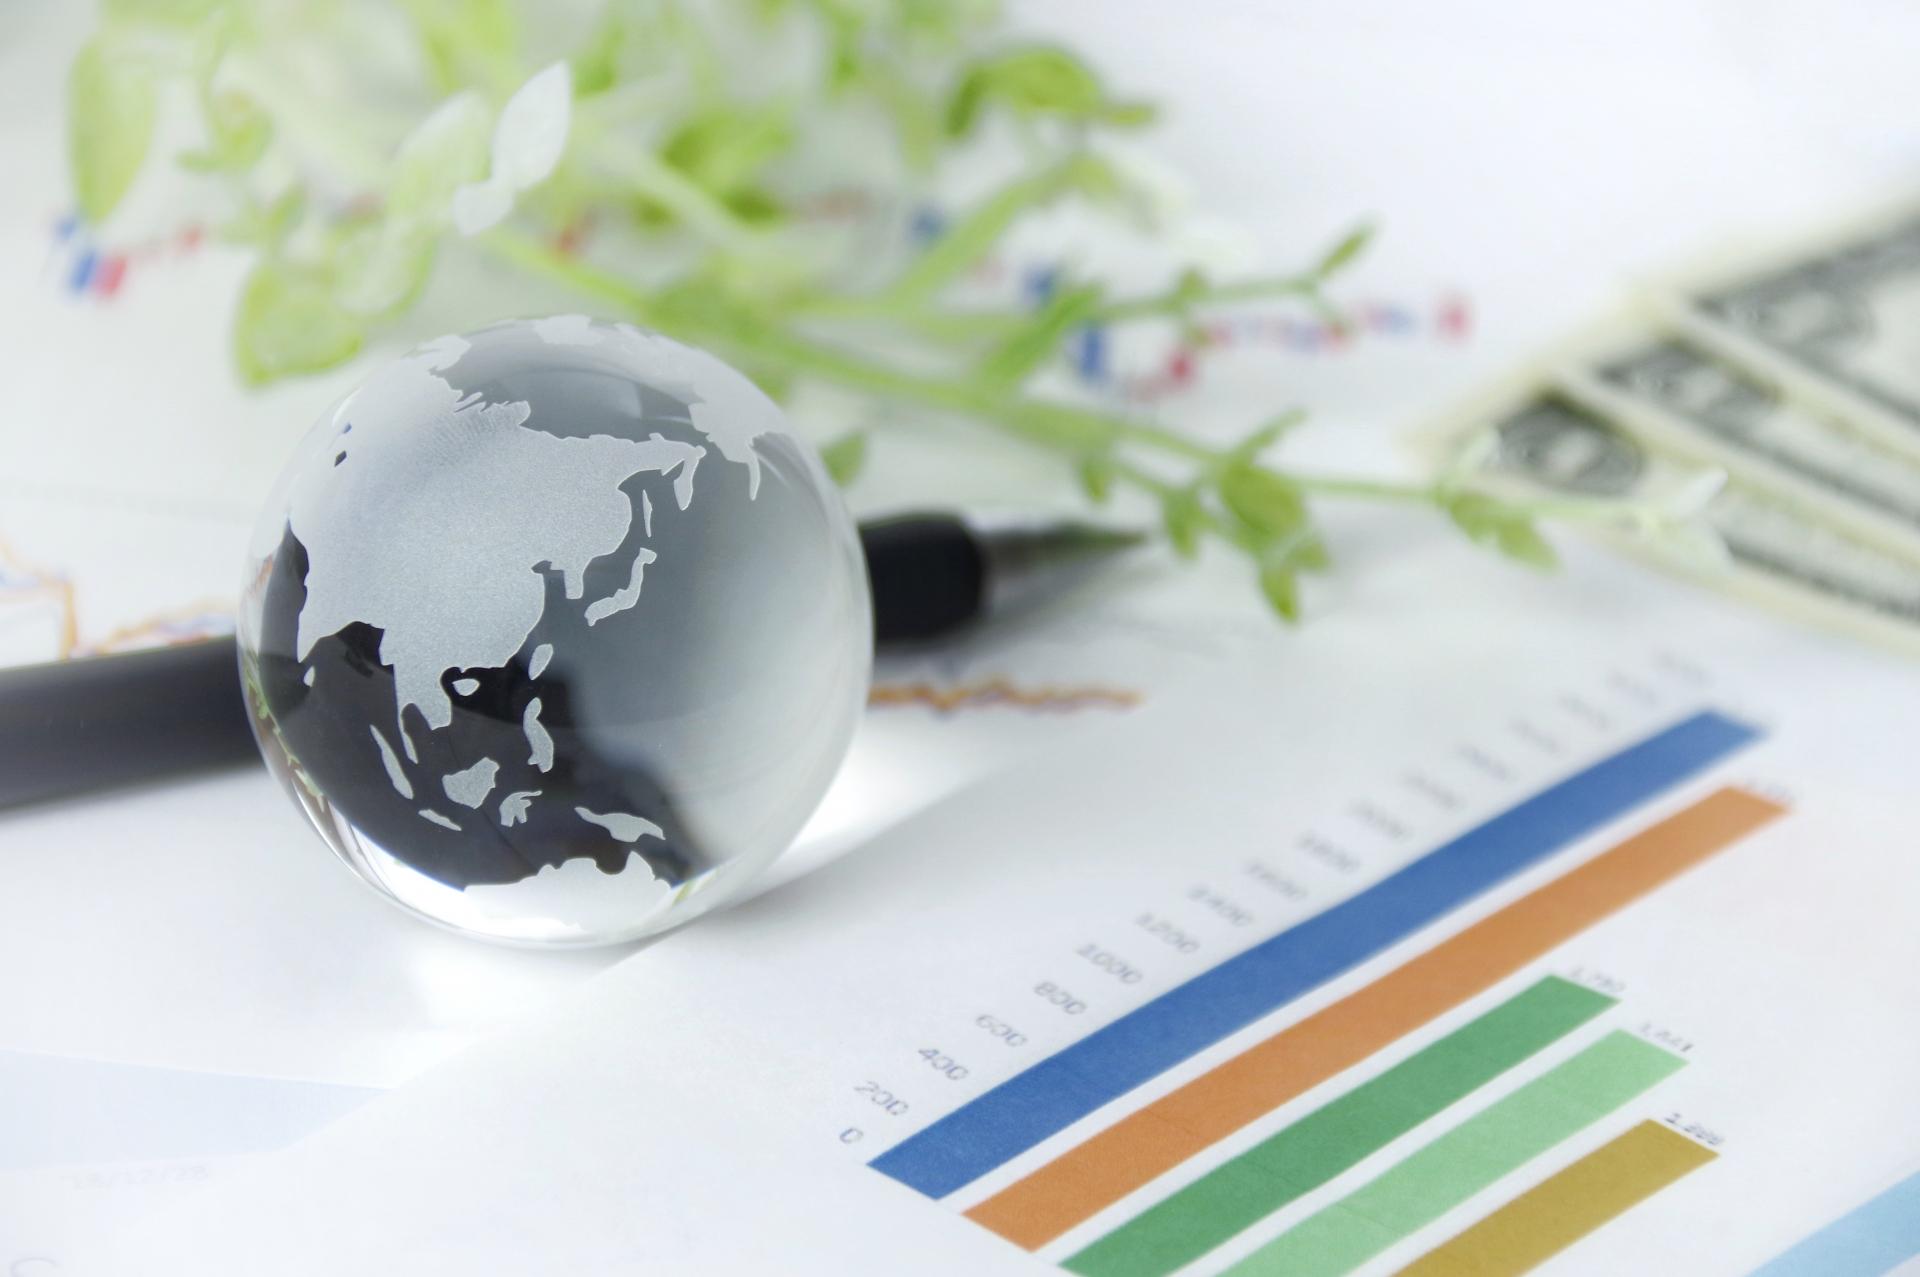 環境や社会、ガバナンスに配慮する取り組みとして知られる「ESG」。企業投資で意識される分野だが、近年は「不動産のESG投資」も浸透しつつある。